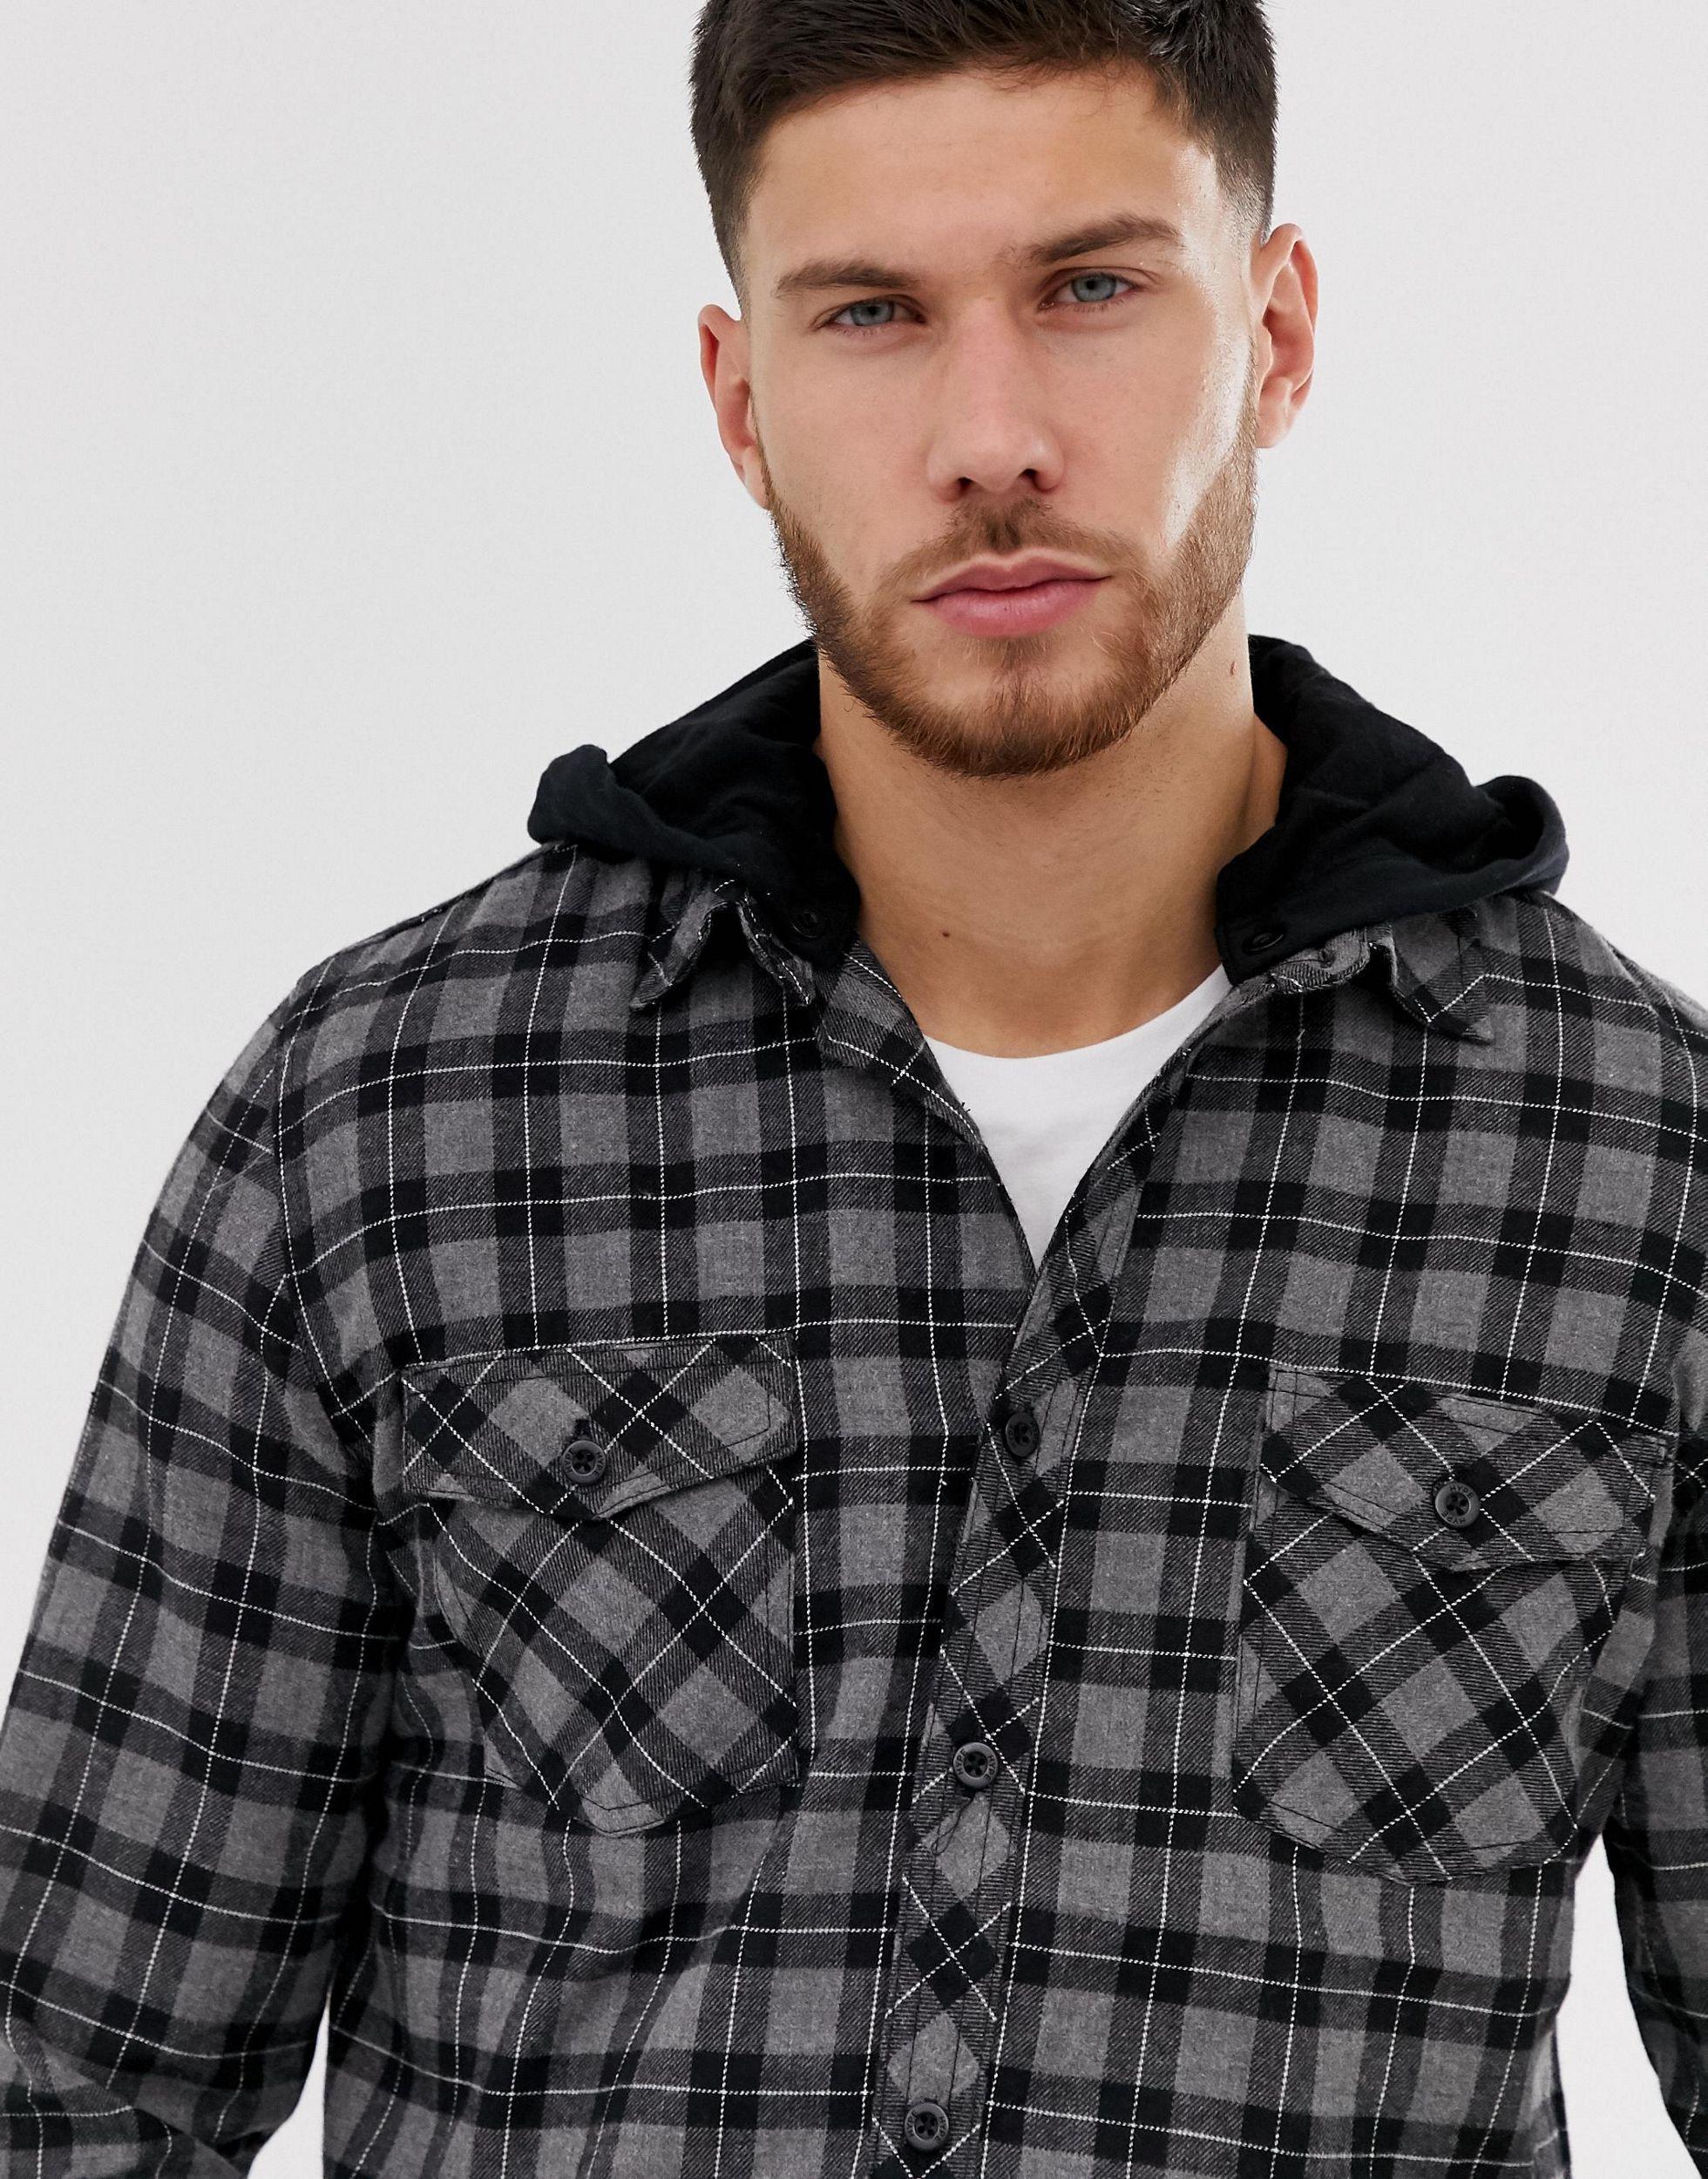 Hype Synthetisch Oversized Geruit Overhemd Met Capuchon in het Zwart voor heren